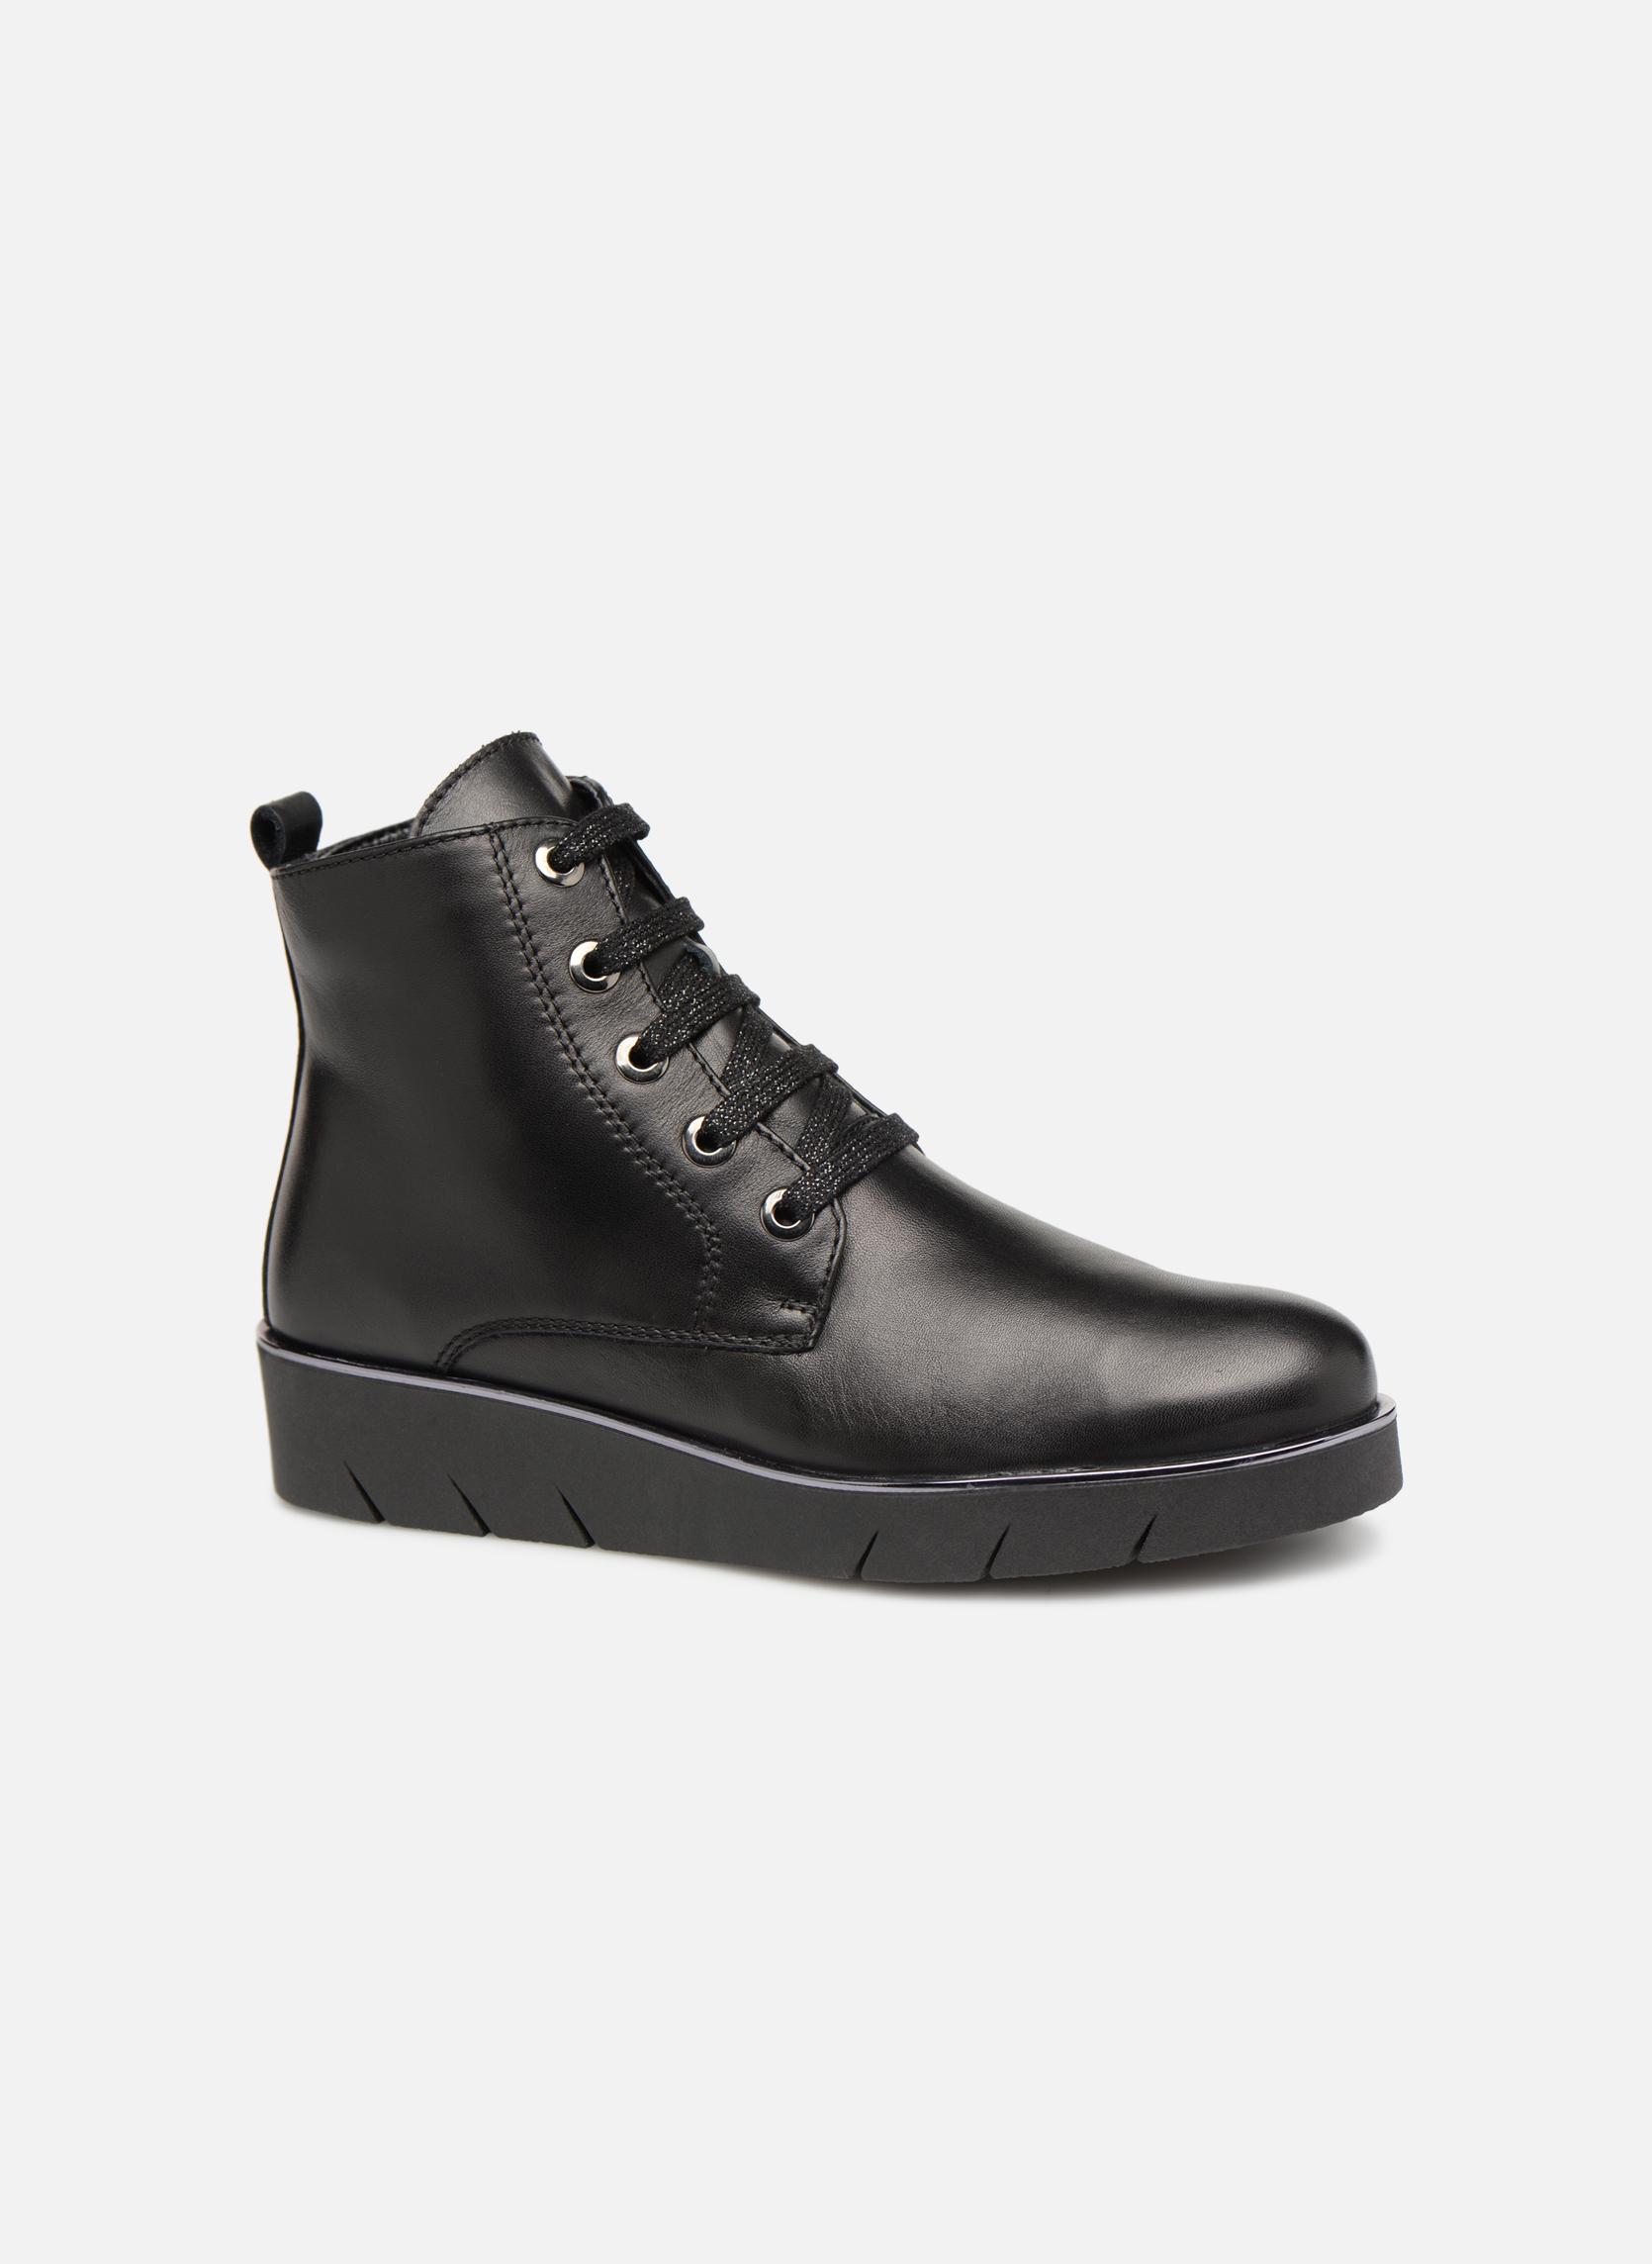 Zapatos casuales salvajes The Flexx Rudy (Negro) - Botines  en Más cómodo